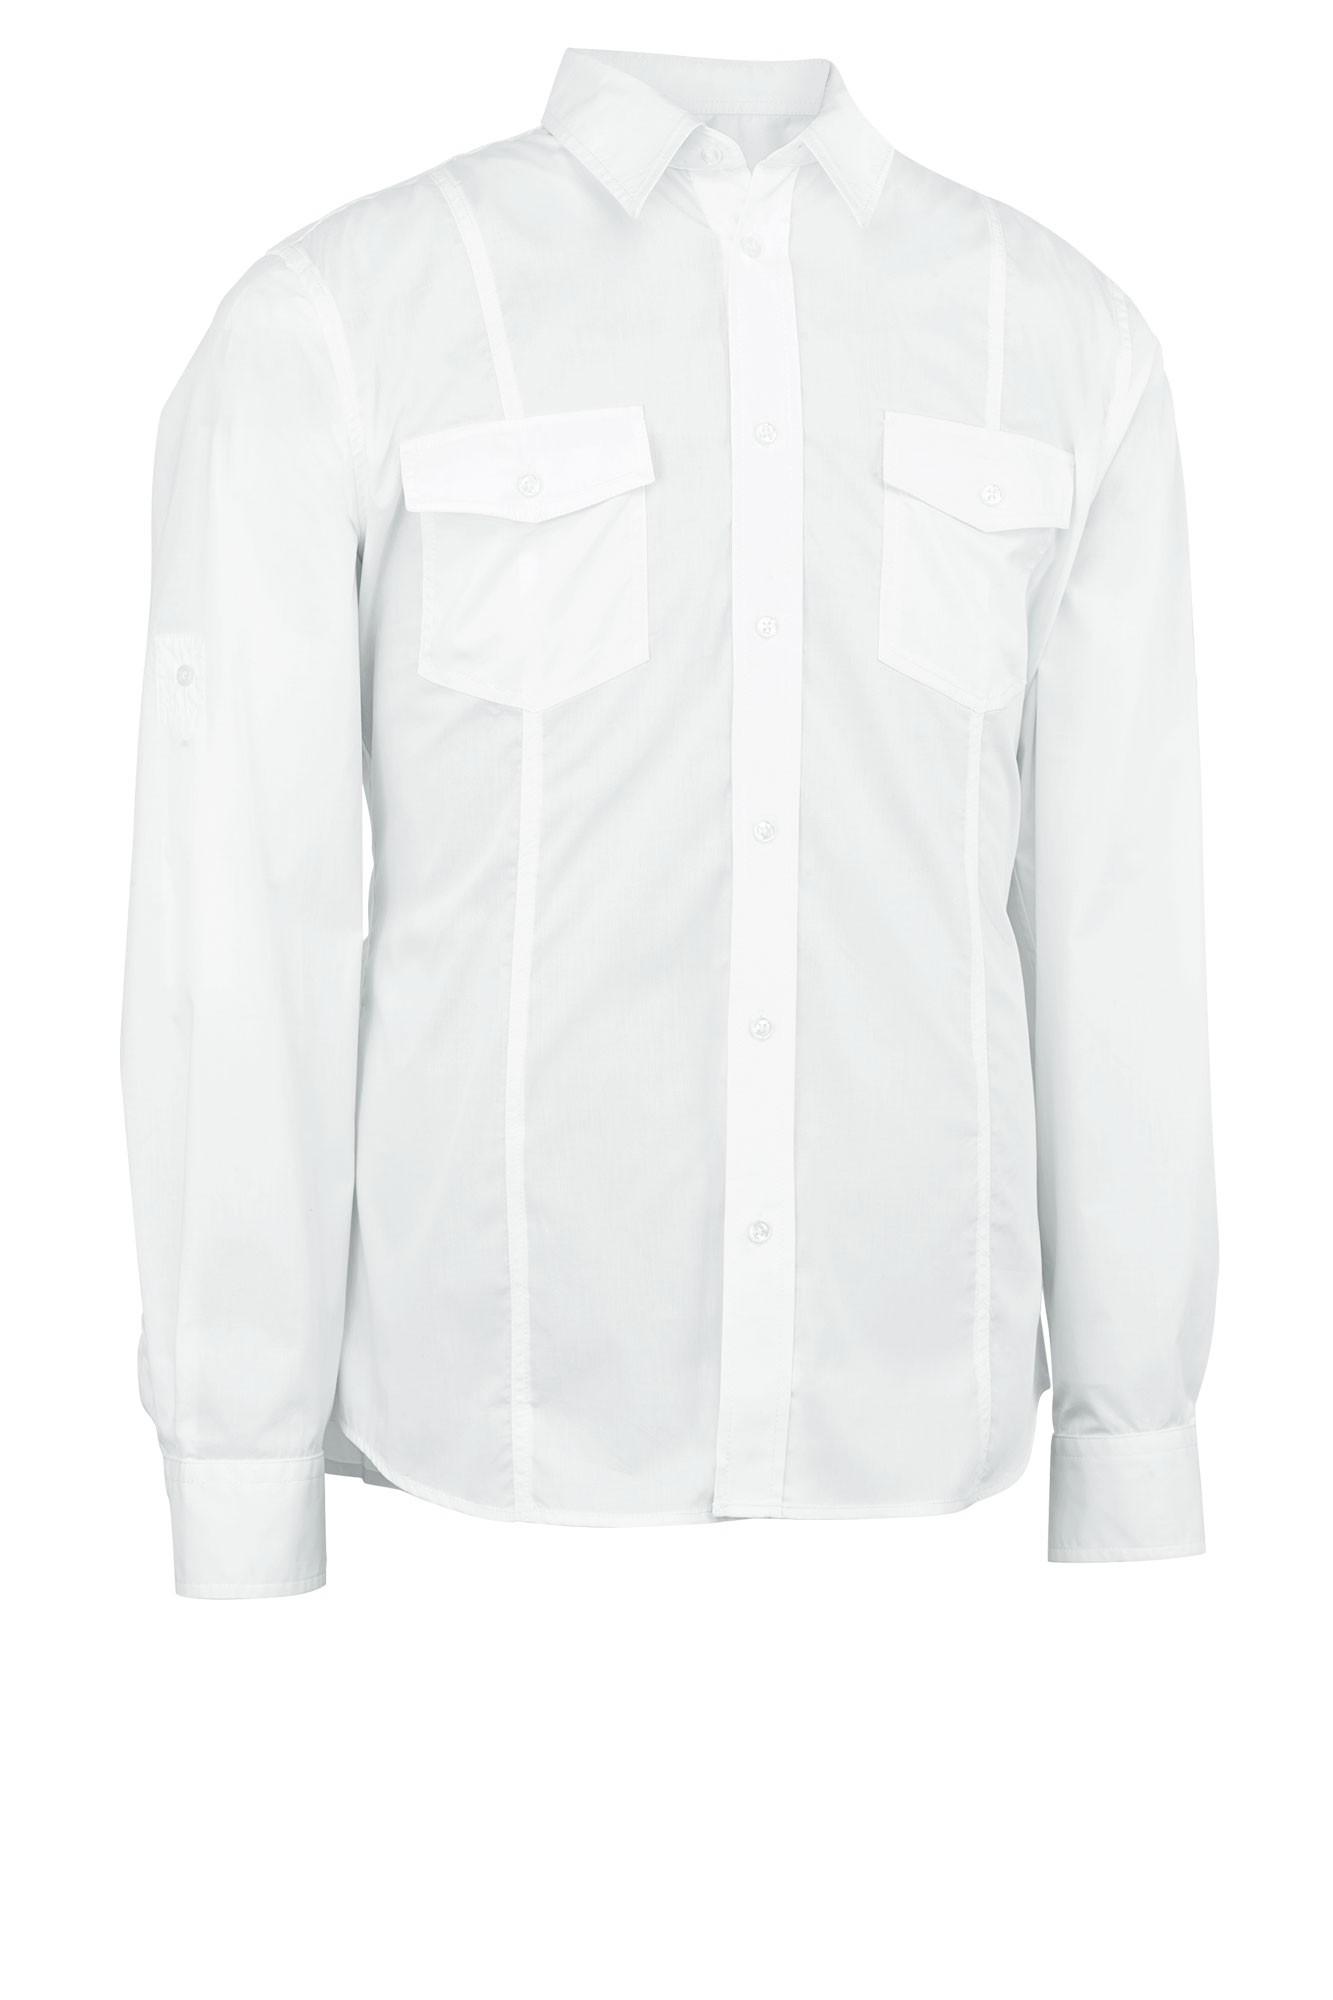 Pánská košile Jules - bílá/dlouhý rukáv